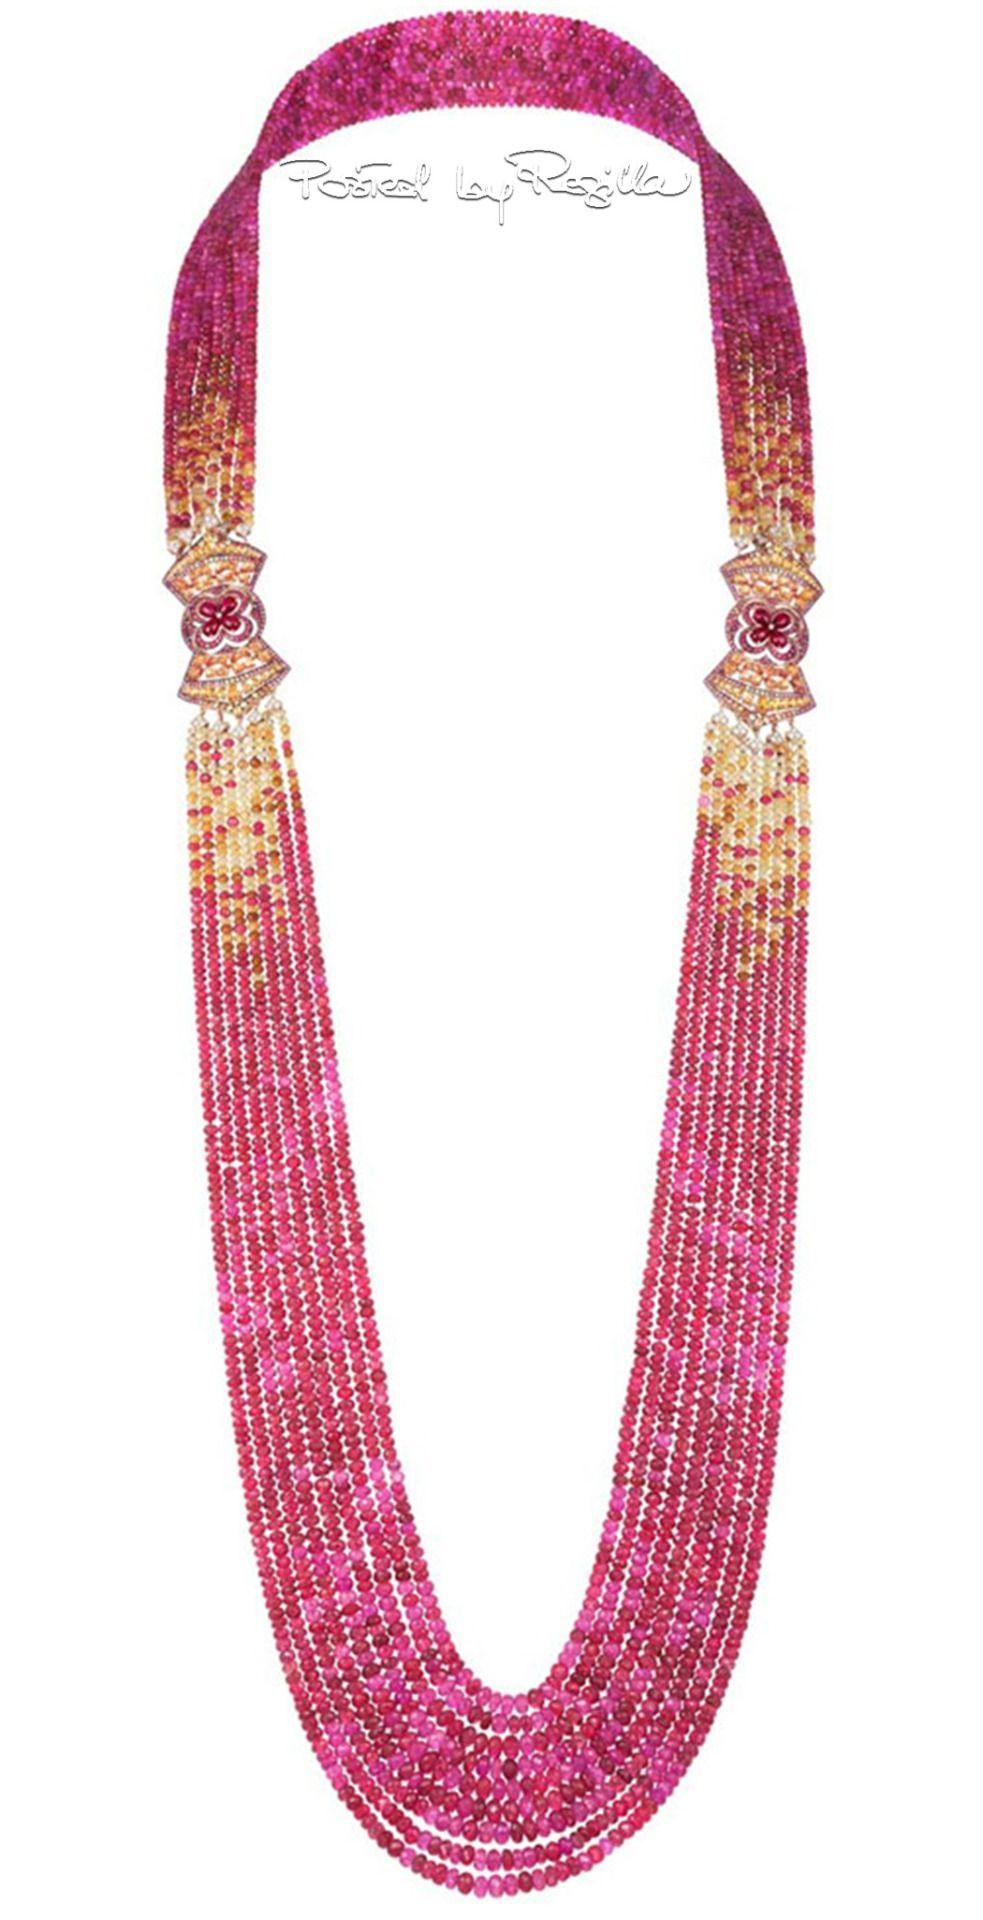 Regilla una fiorentina in california sparkling necklaces